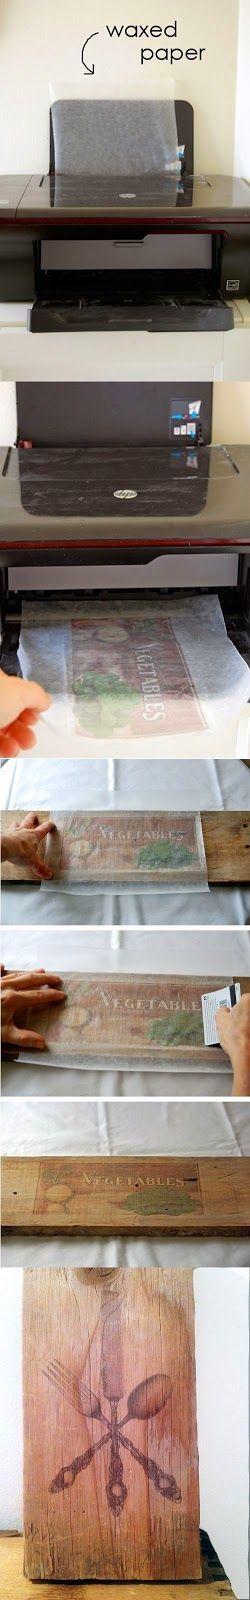 Estampando madeira com papel manteiga